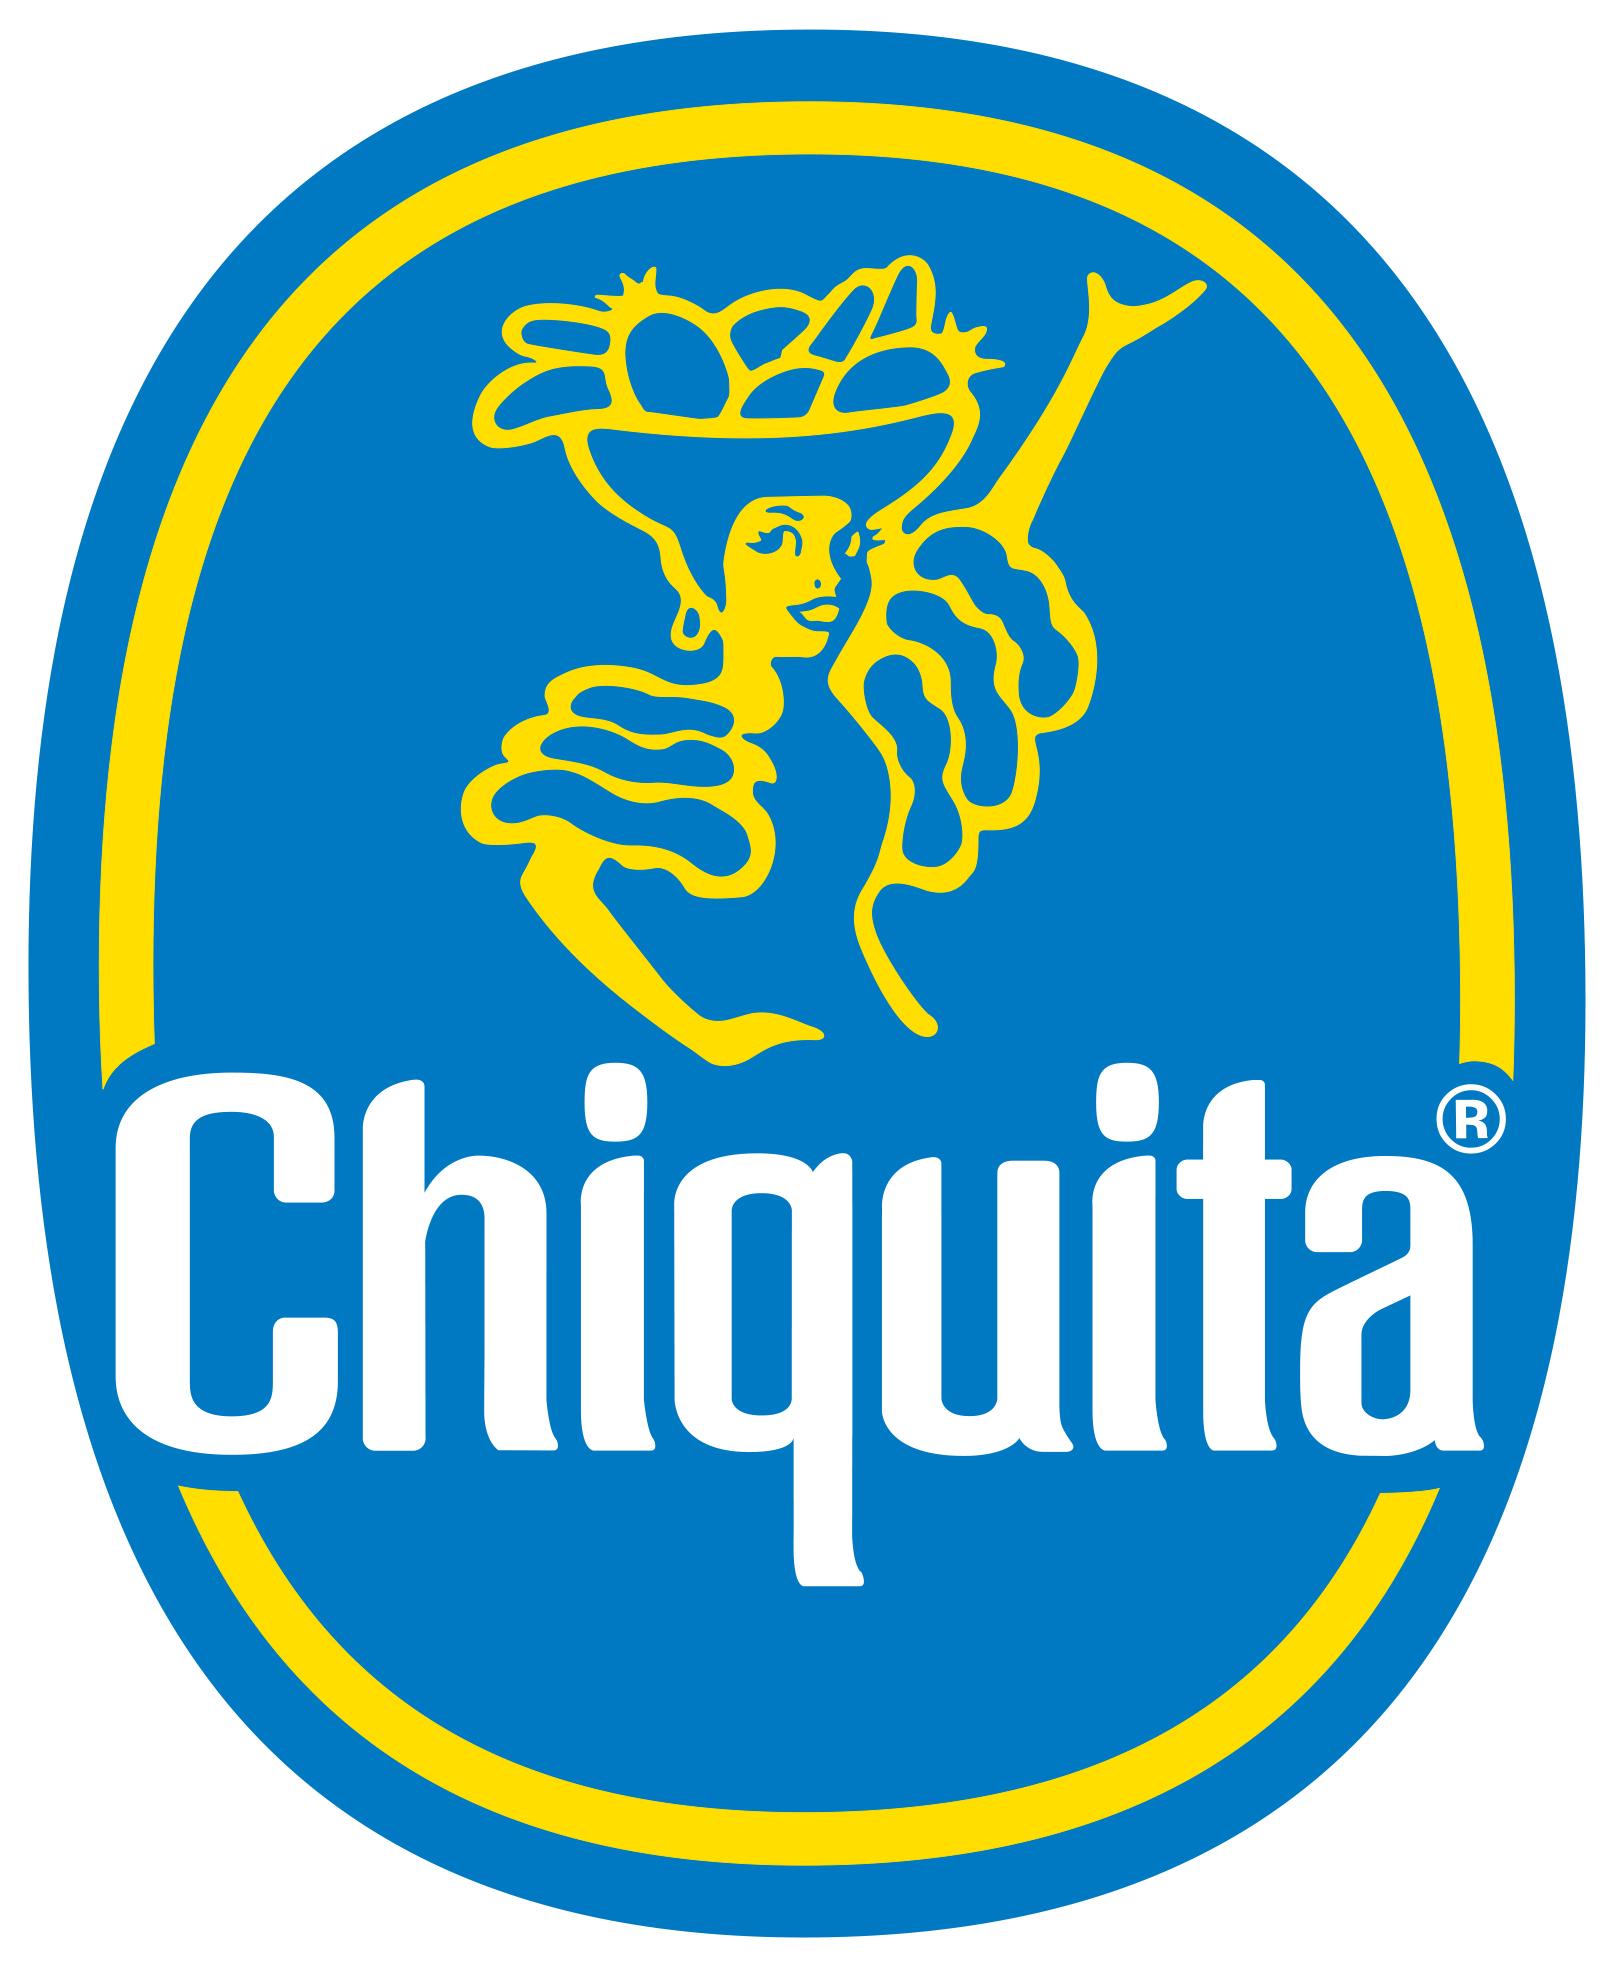 Chiquita Image